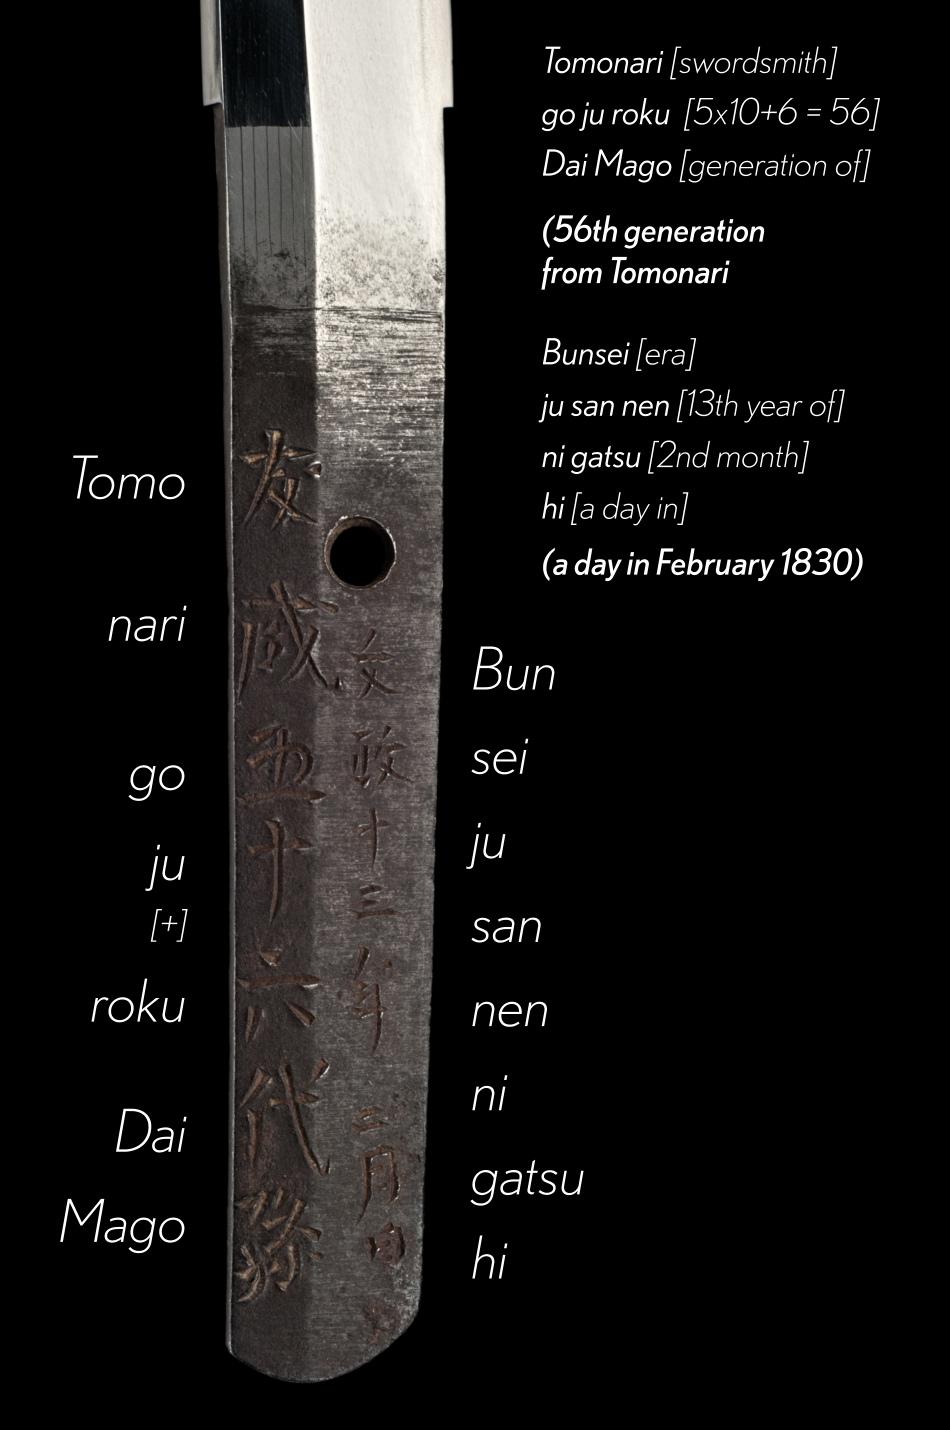 Nakago - Tomonari 56 Dai Mago Bunsei 13 2 Gatsu